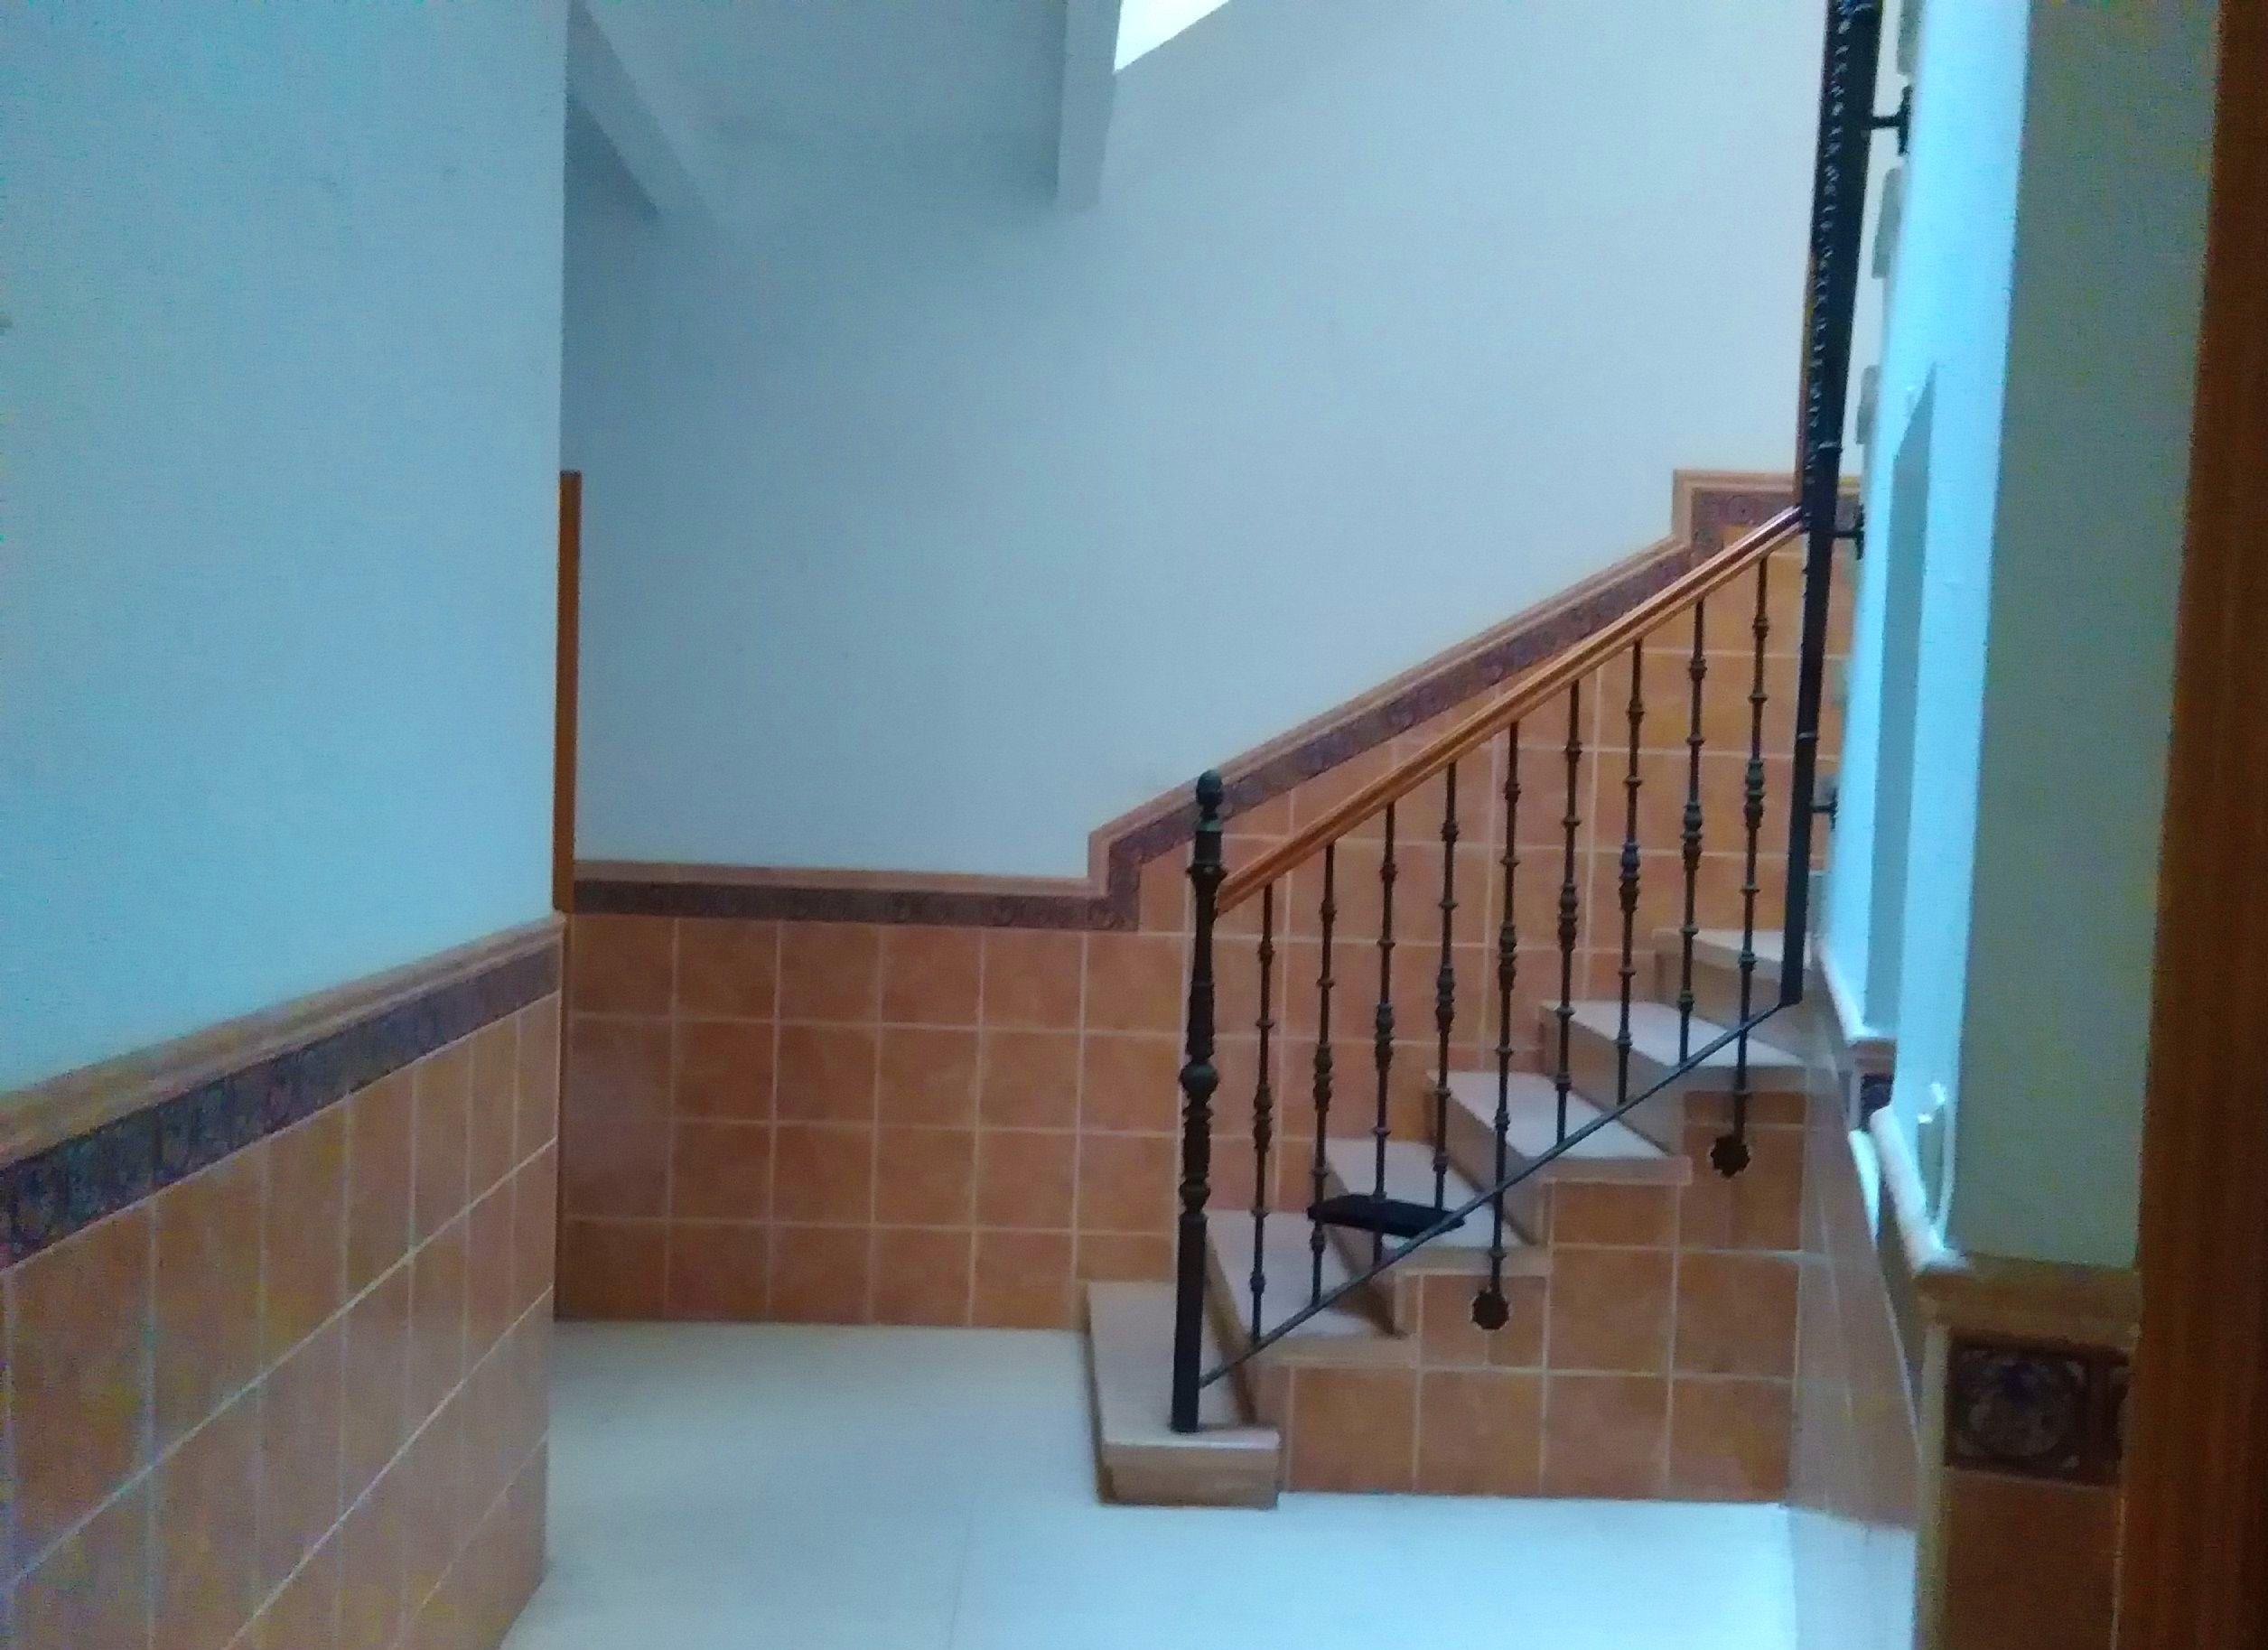 Casa en Ronda 117: Inmuebles Urbanos de ANTONIO ARAGONÉS DÍAZ PAVÓN